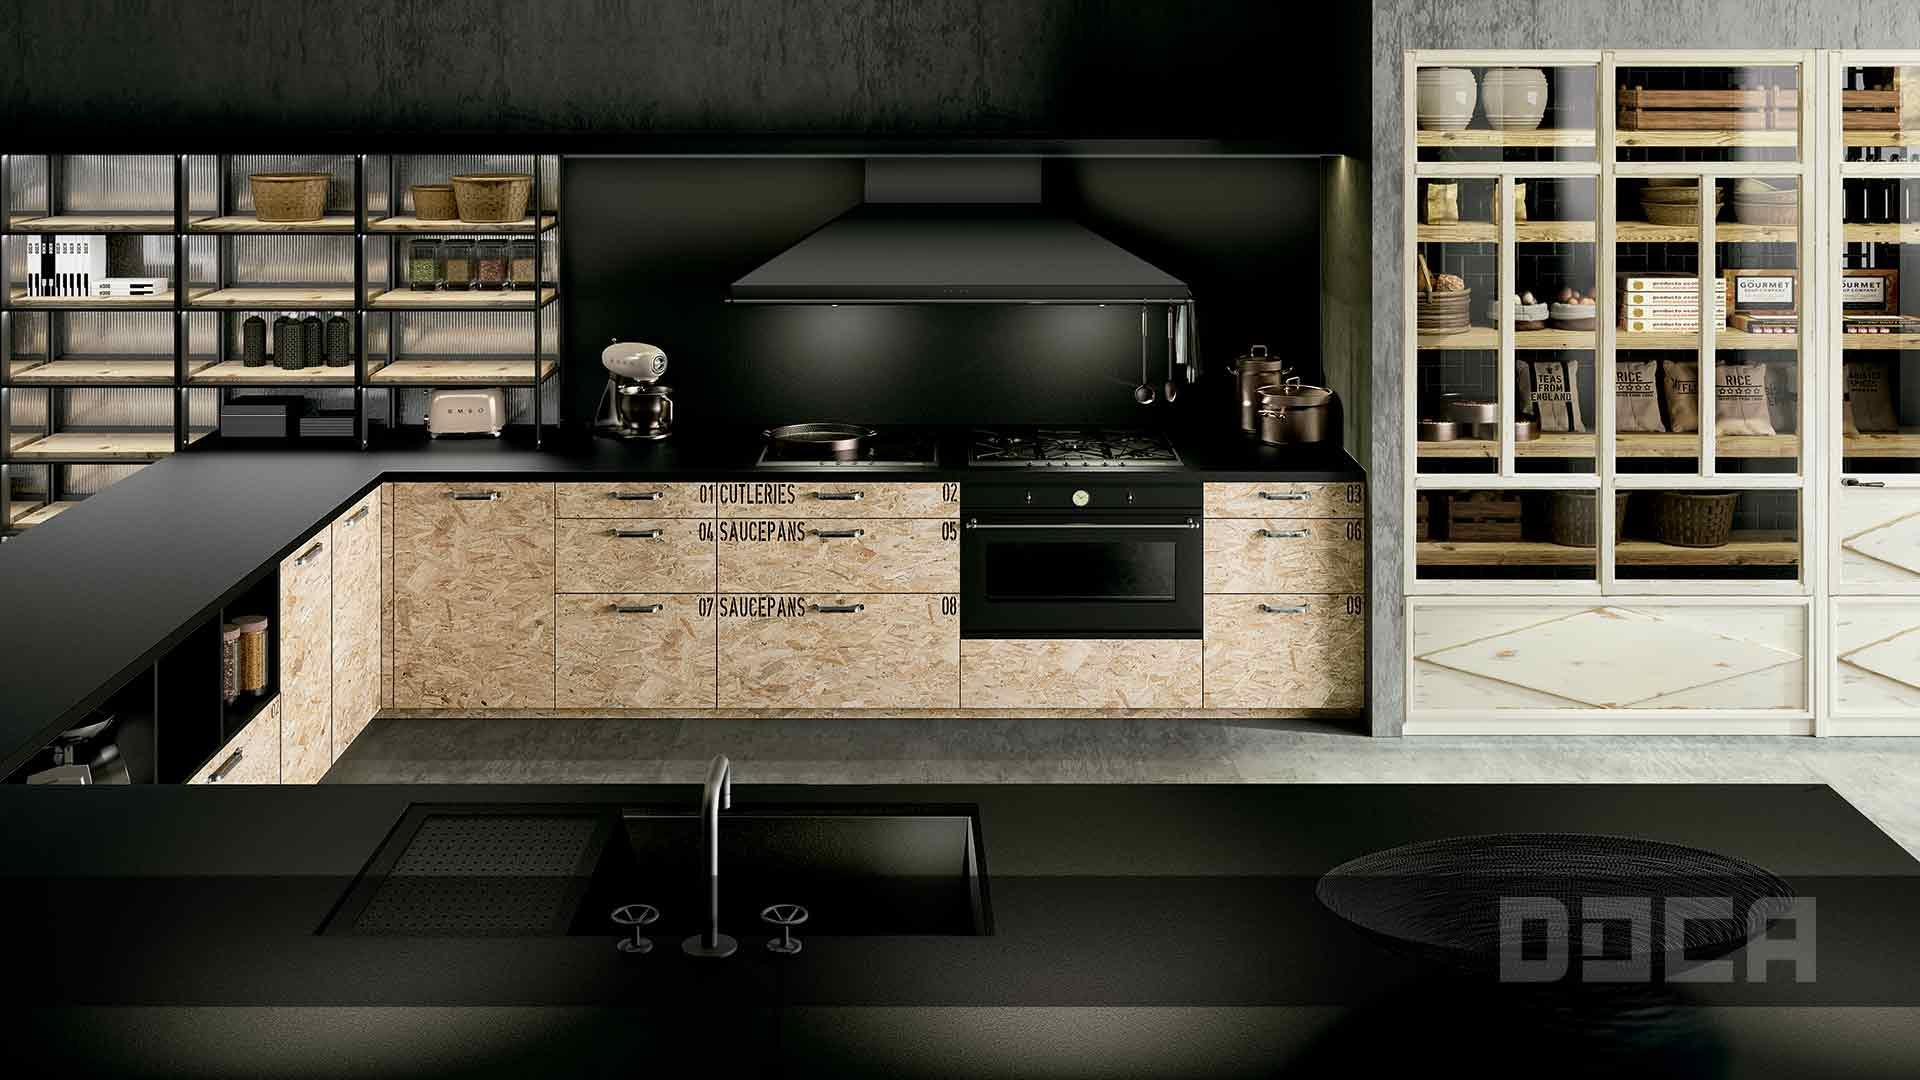 Cocina Aglomerado craft doca 1920x1080 1